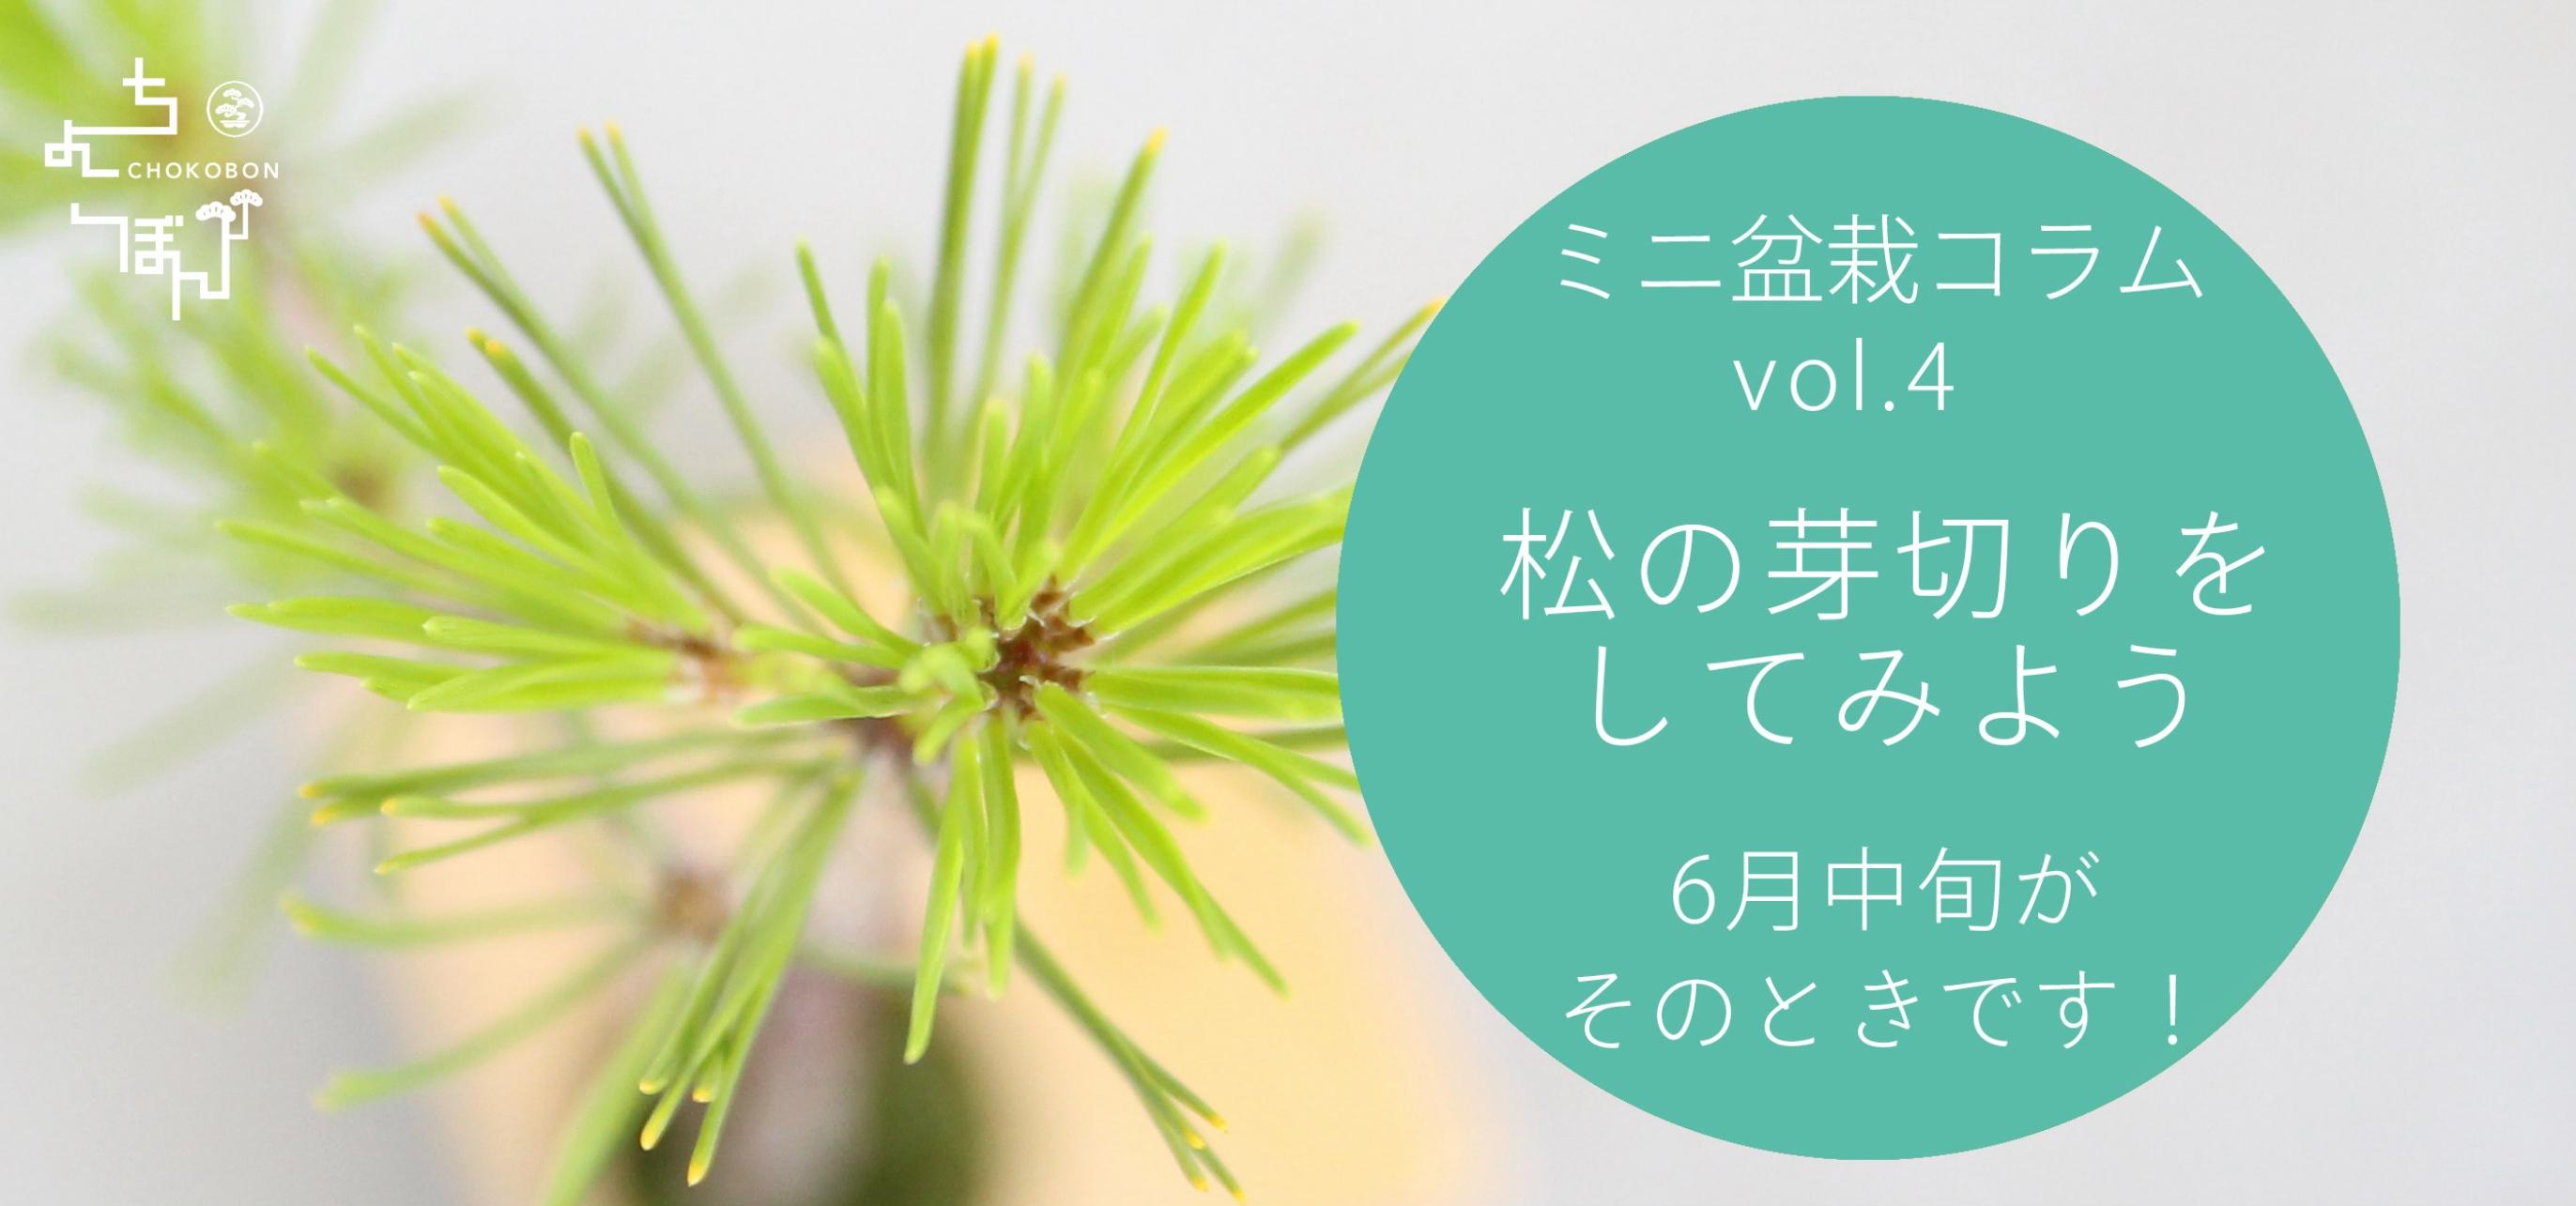 松,ちょこぼん,ミニ盆栽